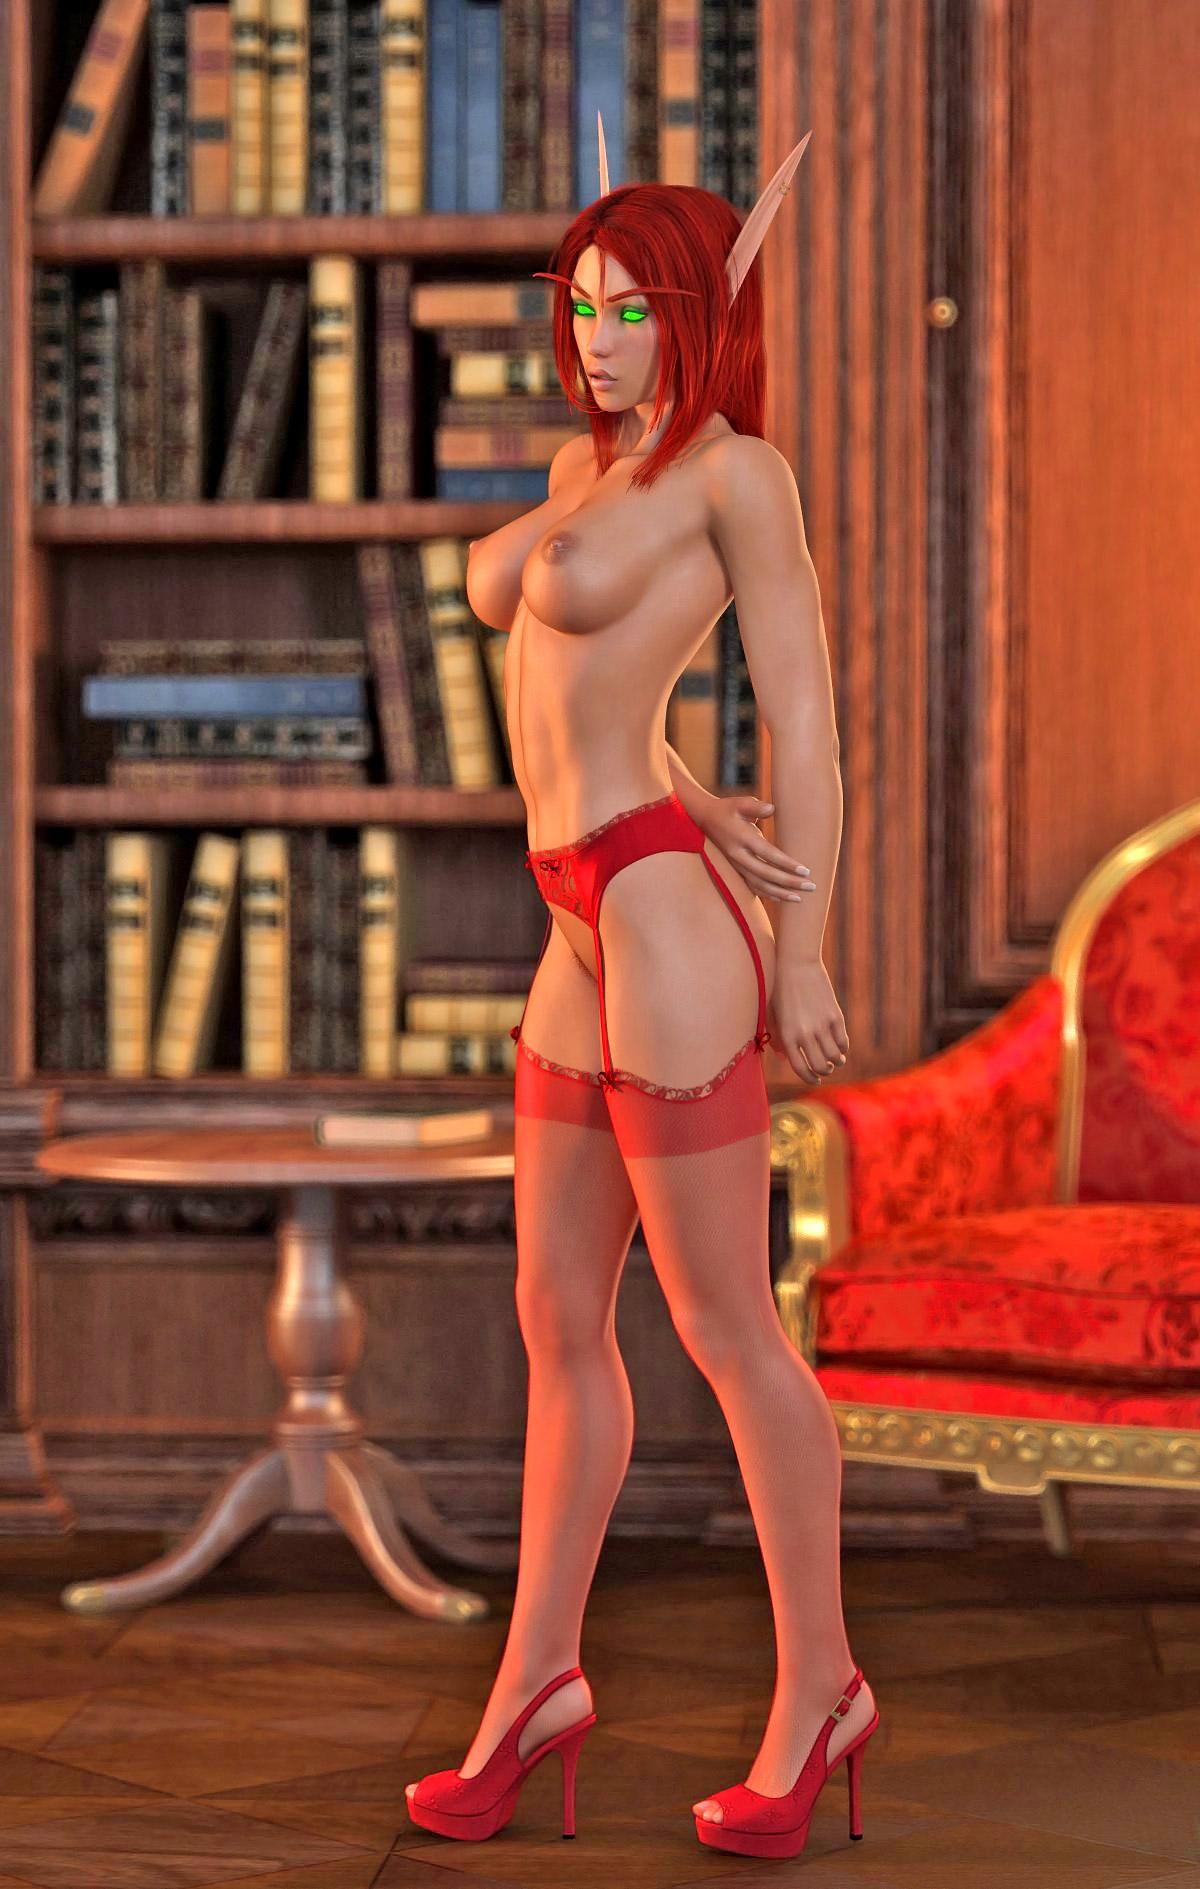 Hot fantasy toon cartoon photo